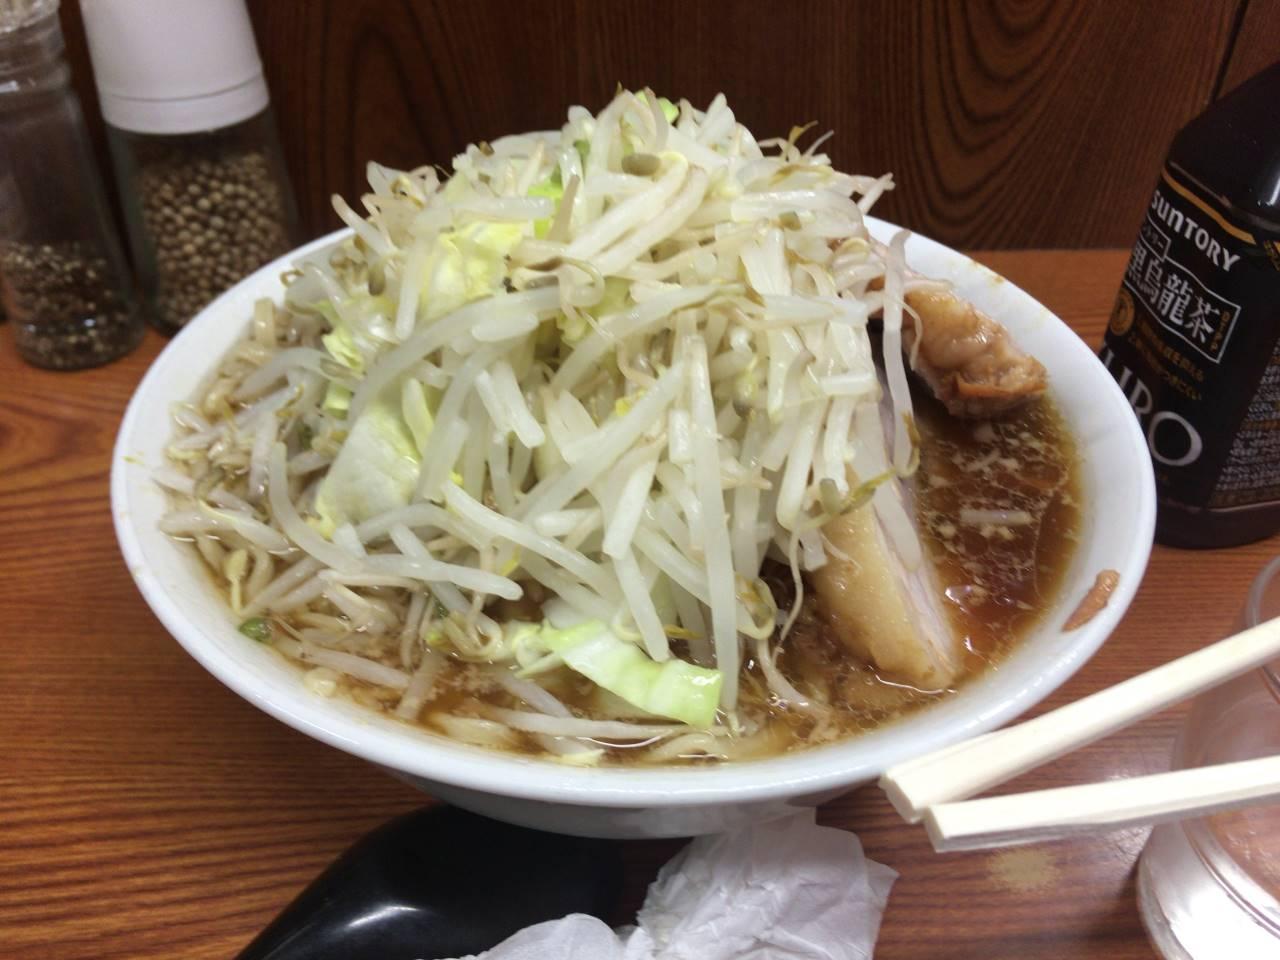 二郎亀戸店13回麺「硬め少なめ」 「ヤサイ増しニンニク」